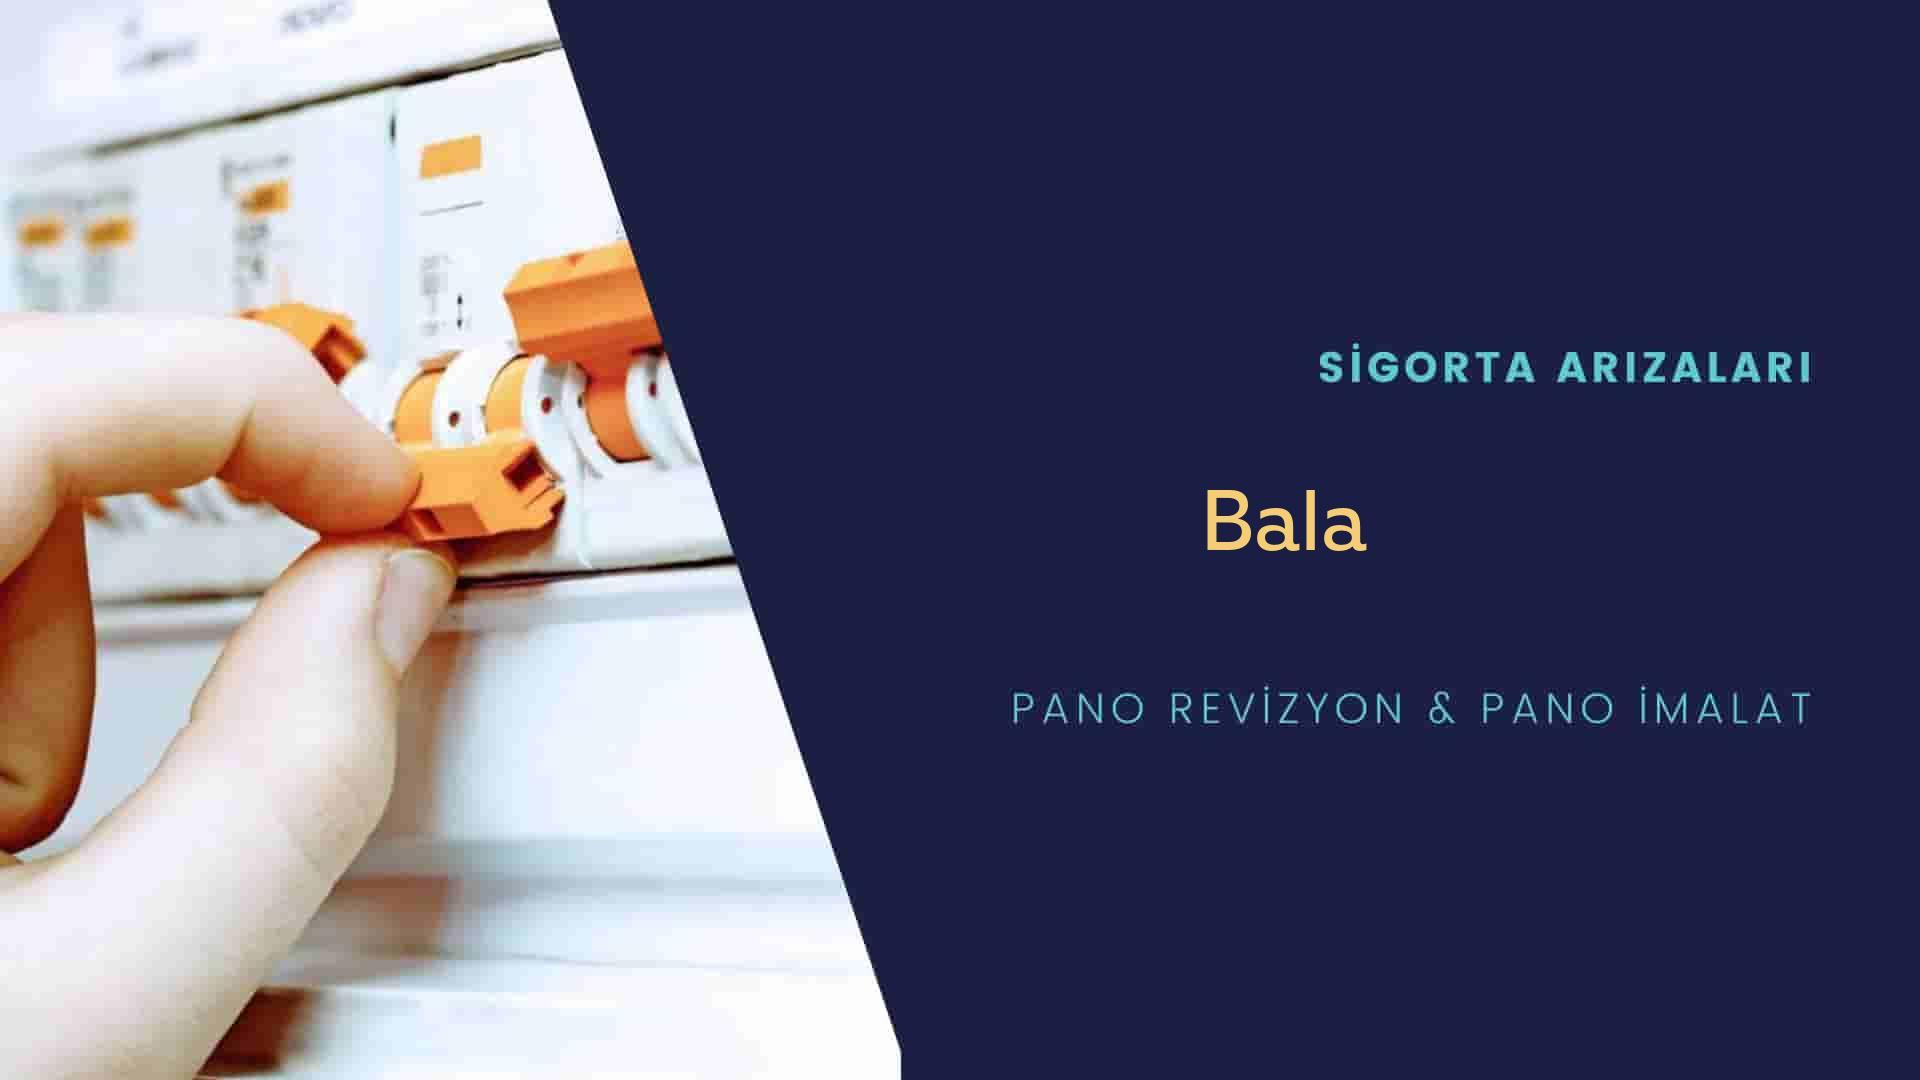 Bala Sigorta Arızaları İçin Profesyonel Elektrikçi ustalarımızı dilediğiniz zaman arayabilir talepte bulunabilirsiniz.